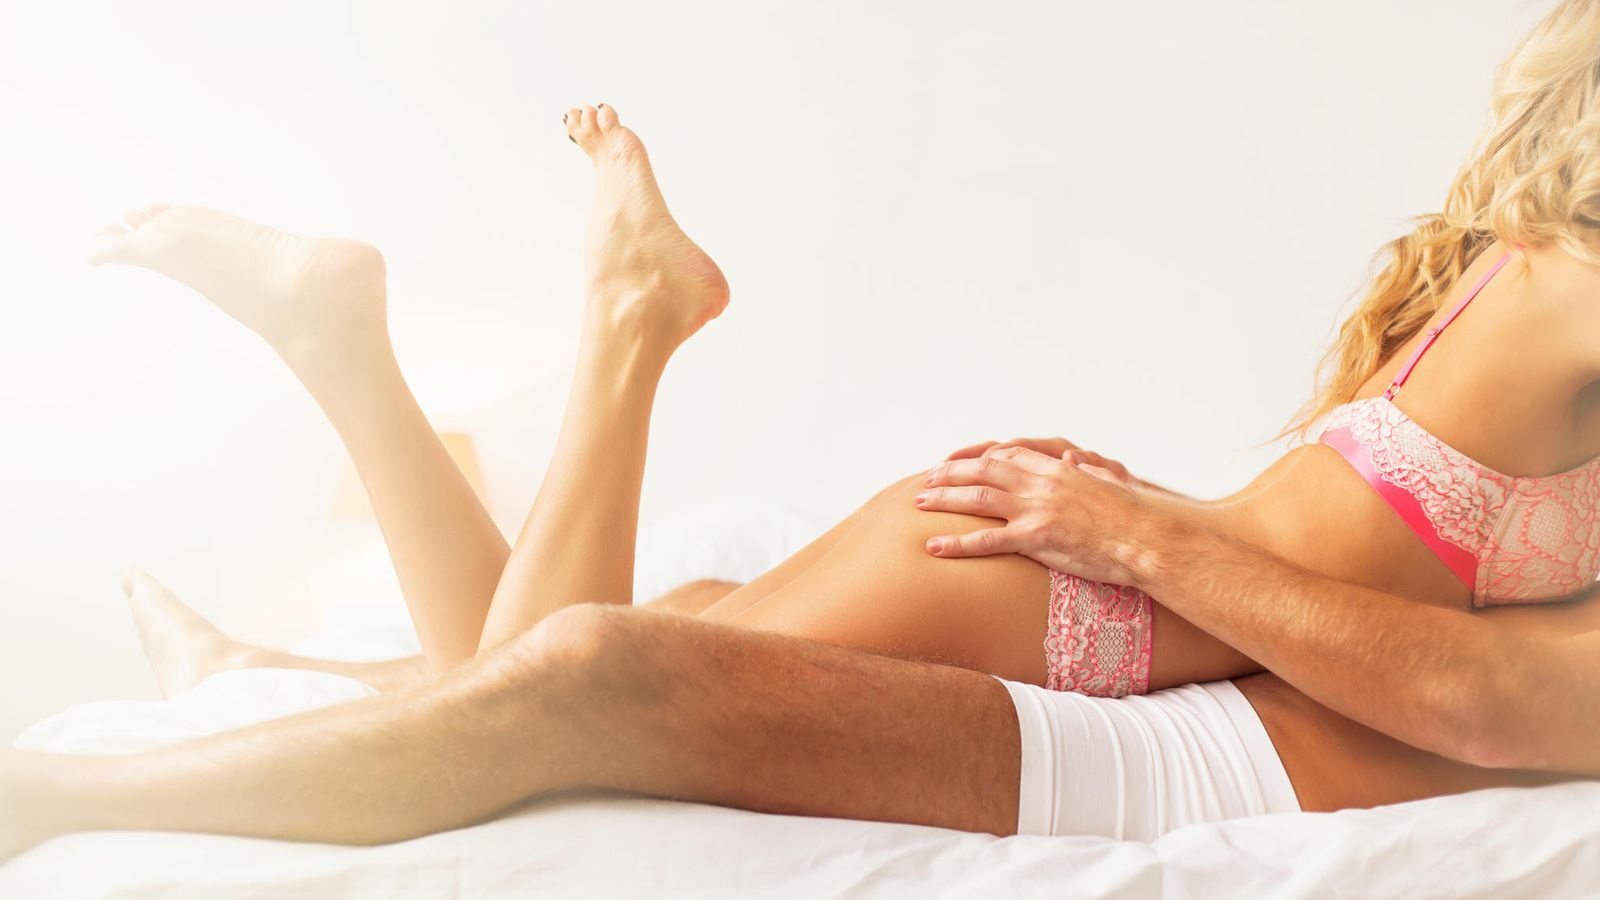 www sex fi hyvä nainen sängyssä